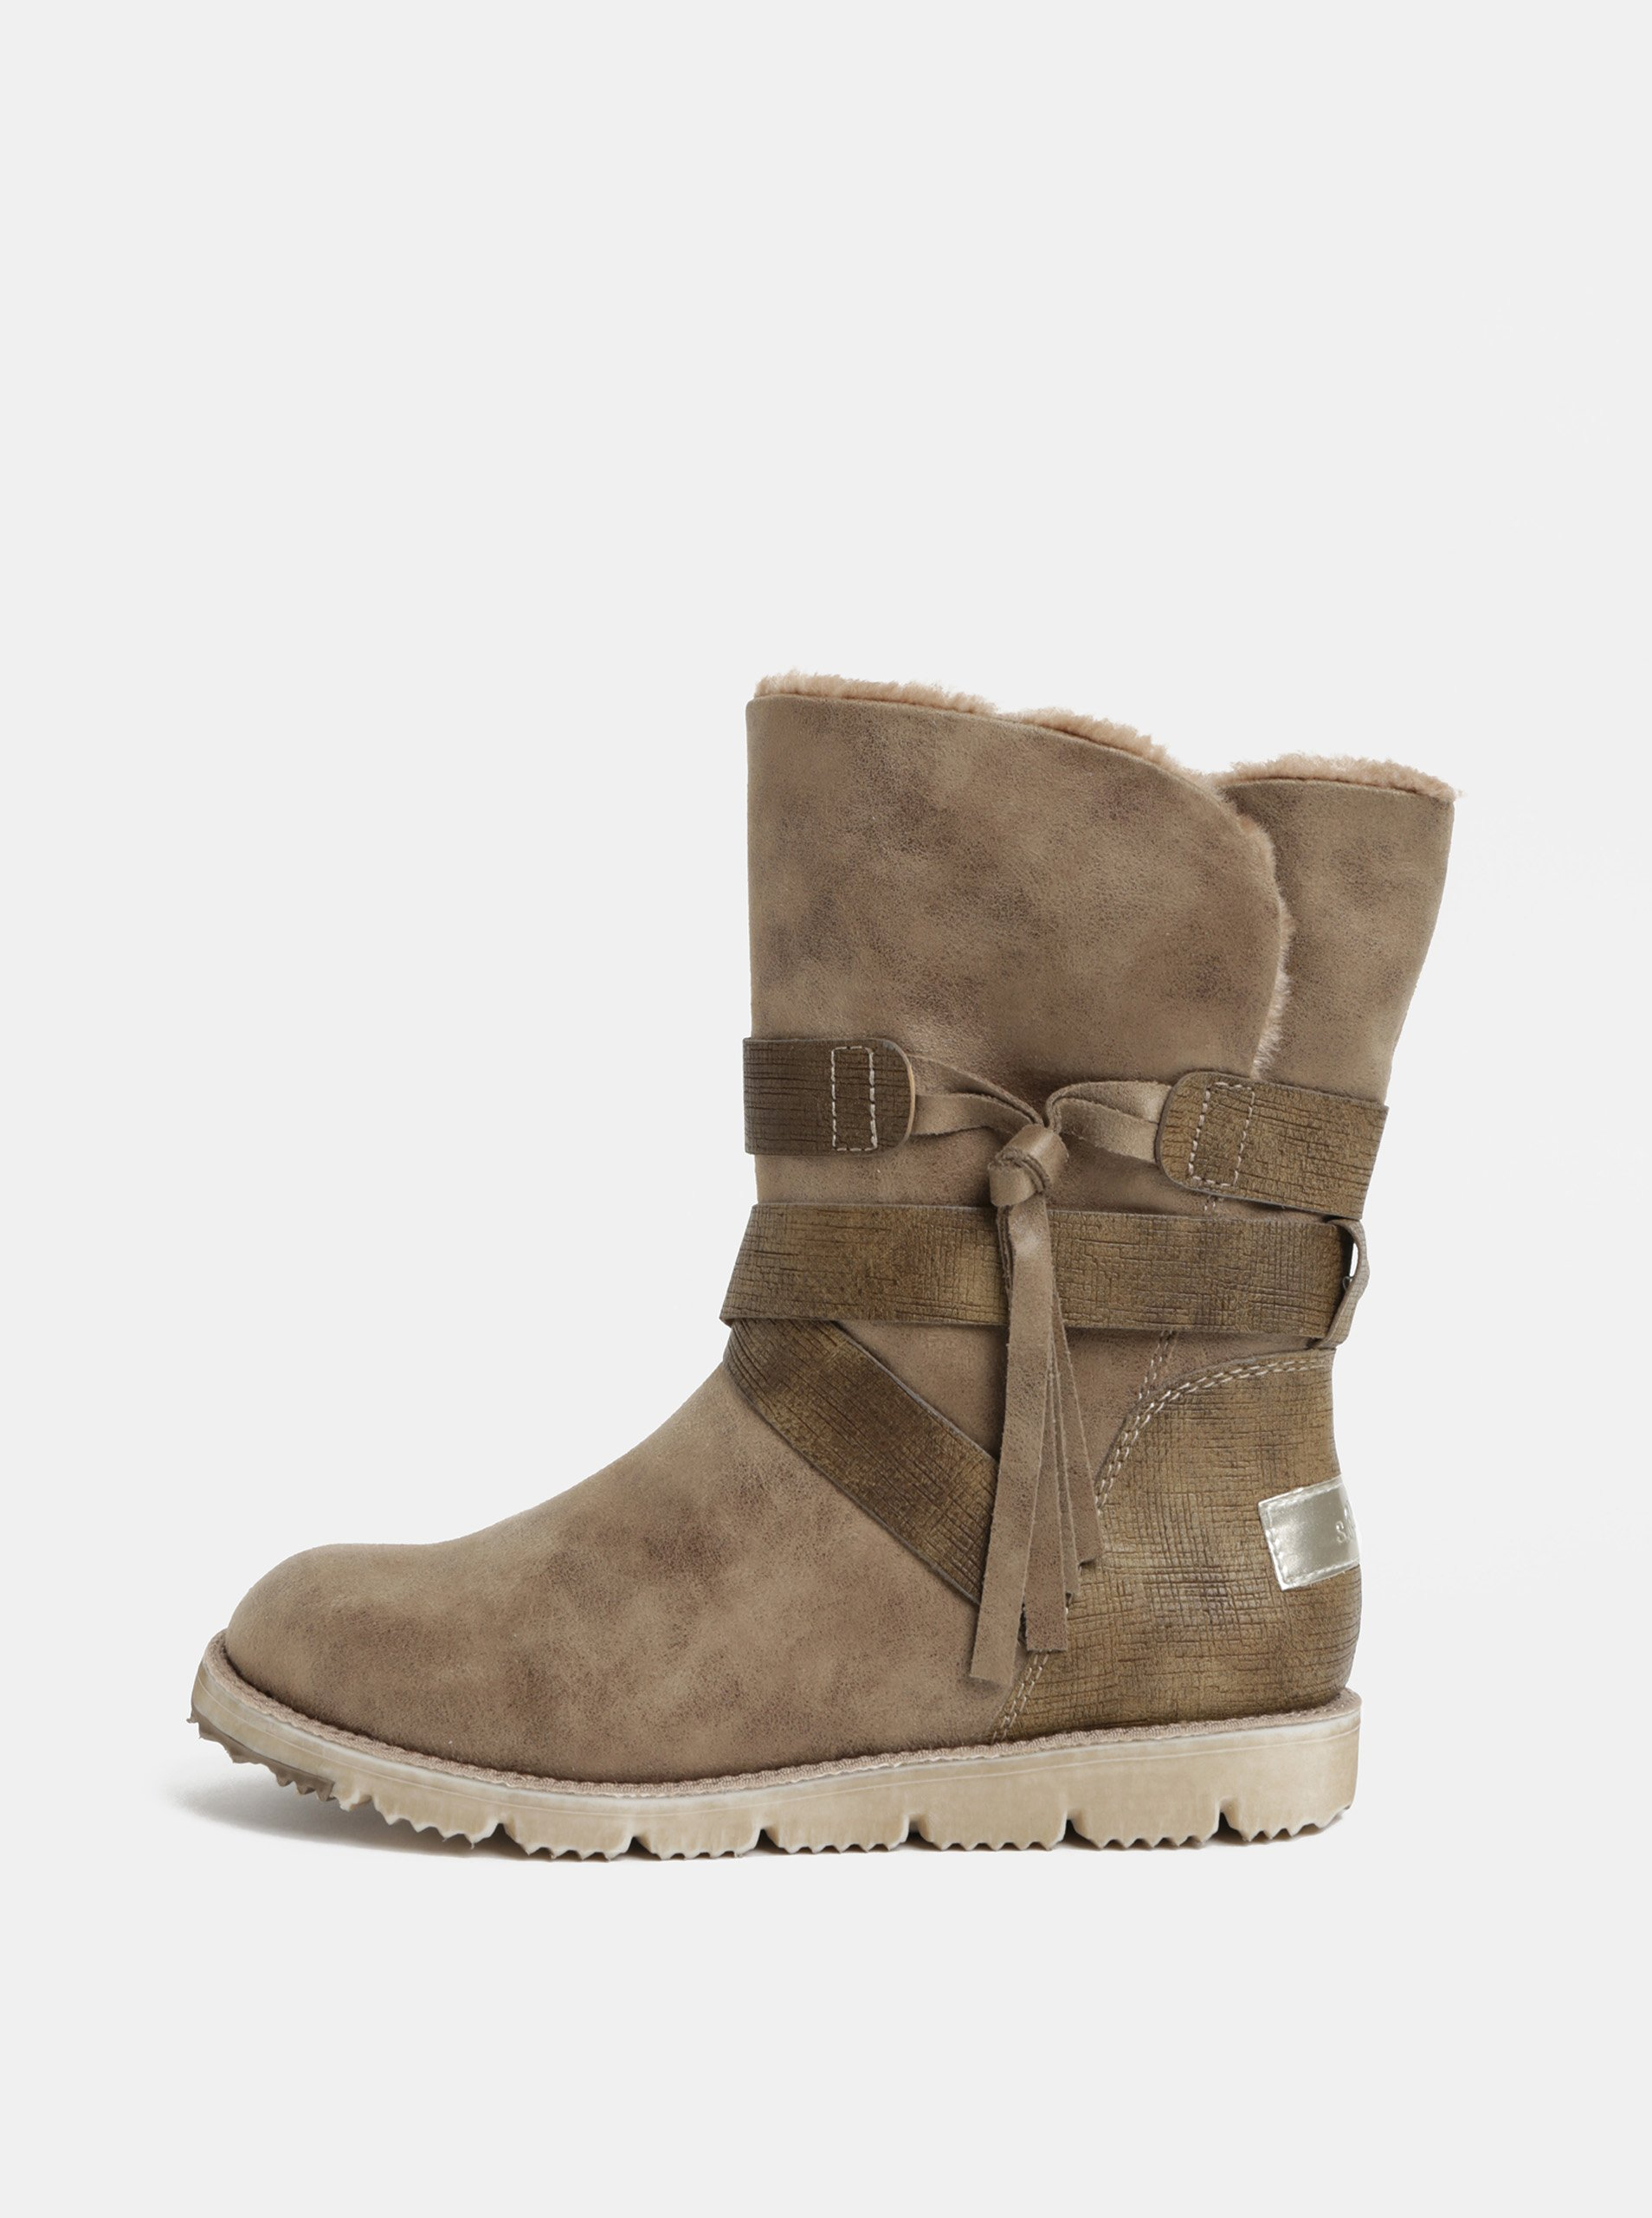 f9d013a8b18 Béžové dámské zimní boty s umělým kožíškem s.Oliver